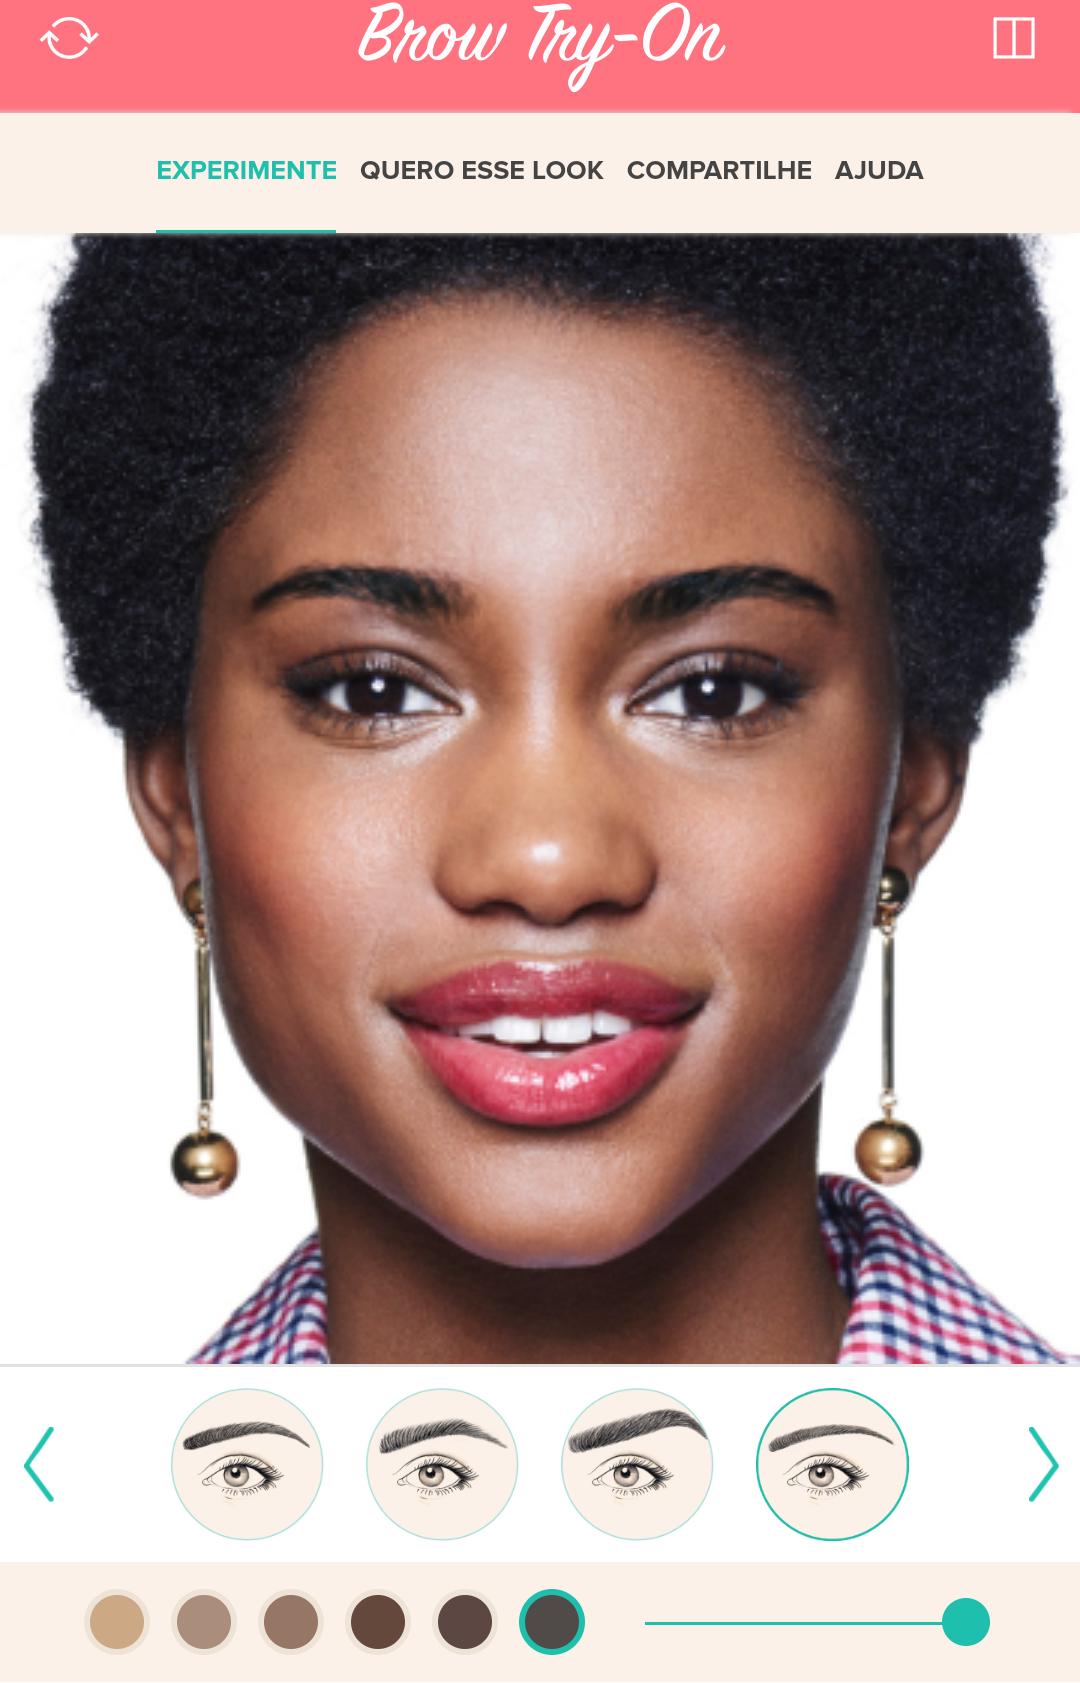 Nova tecnologia da Benefit te ajuda a descobrir qual o melhor formato de sobrancelhas para seu rosto